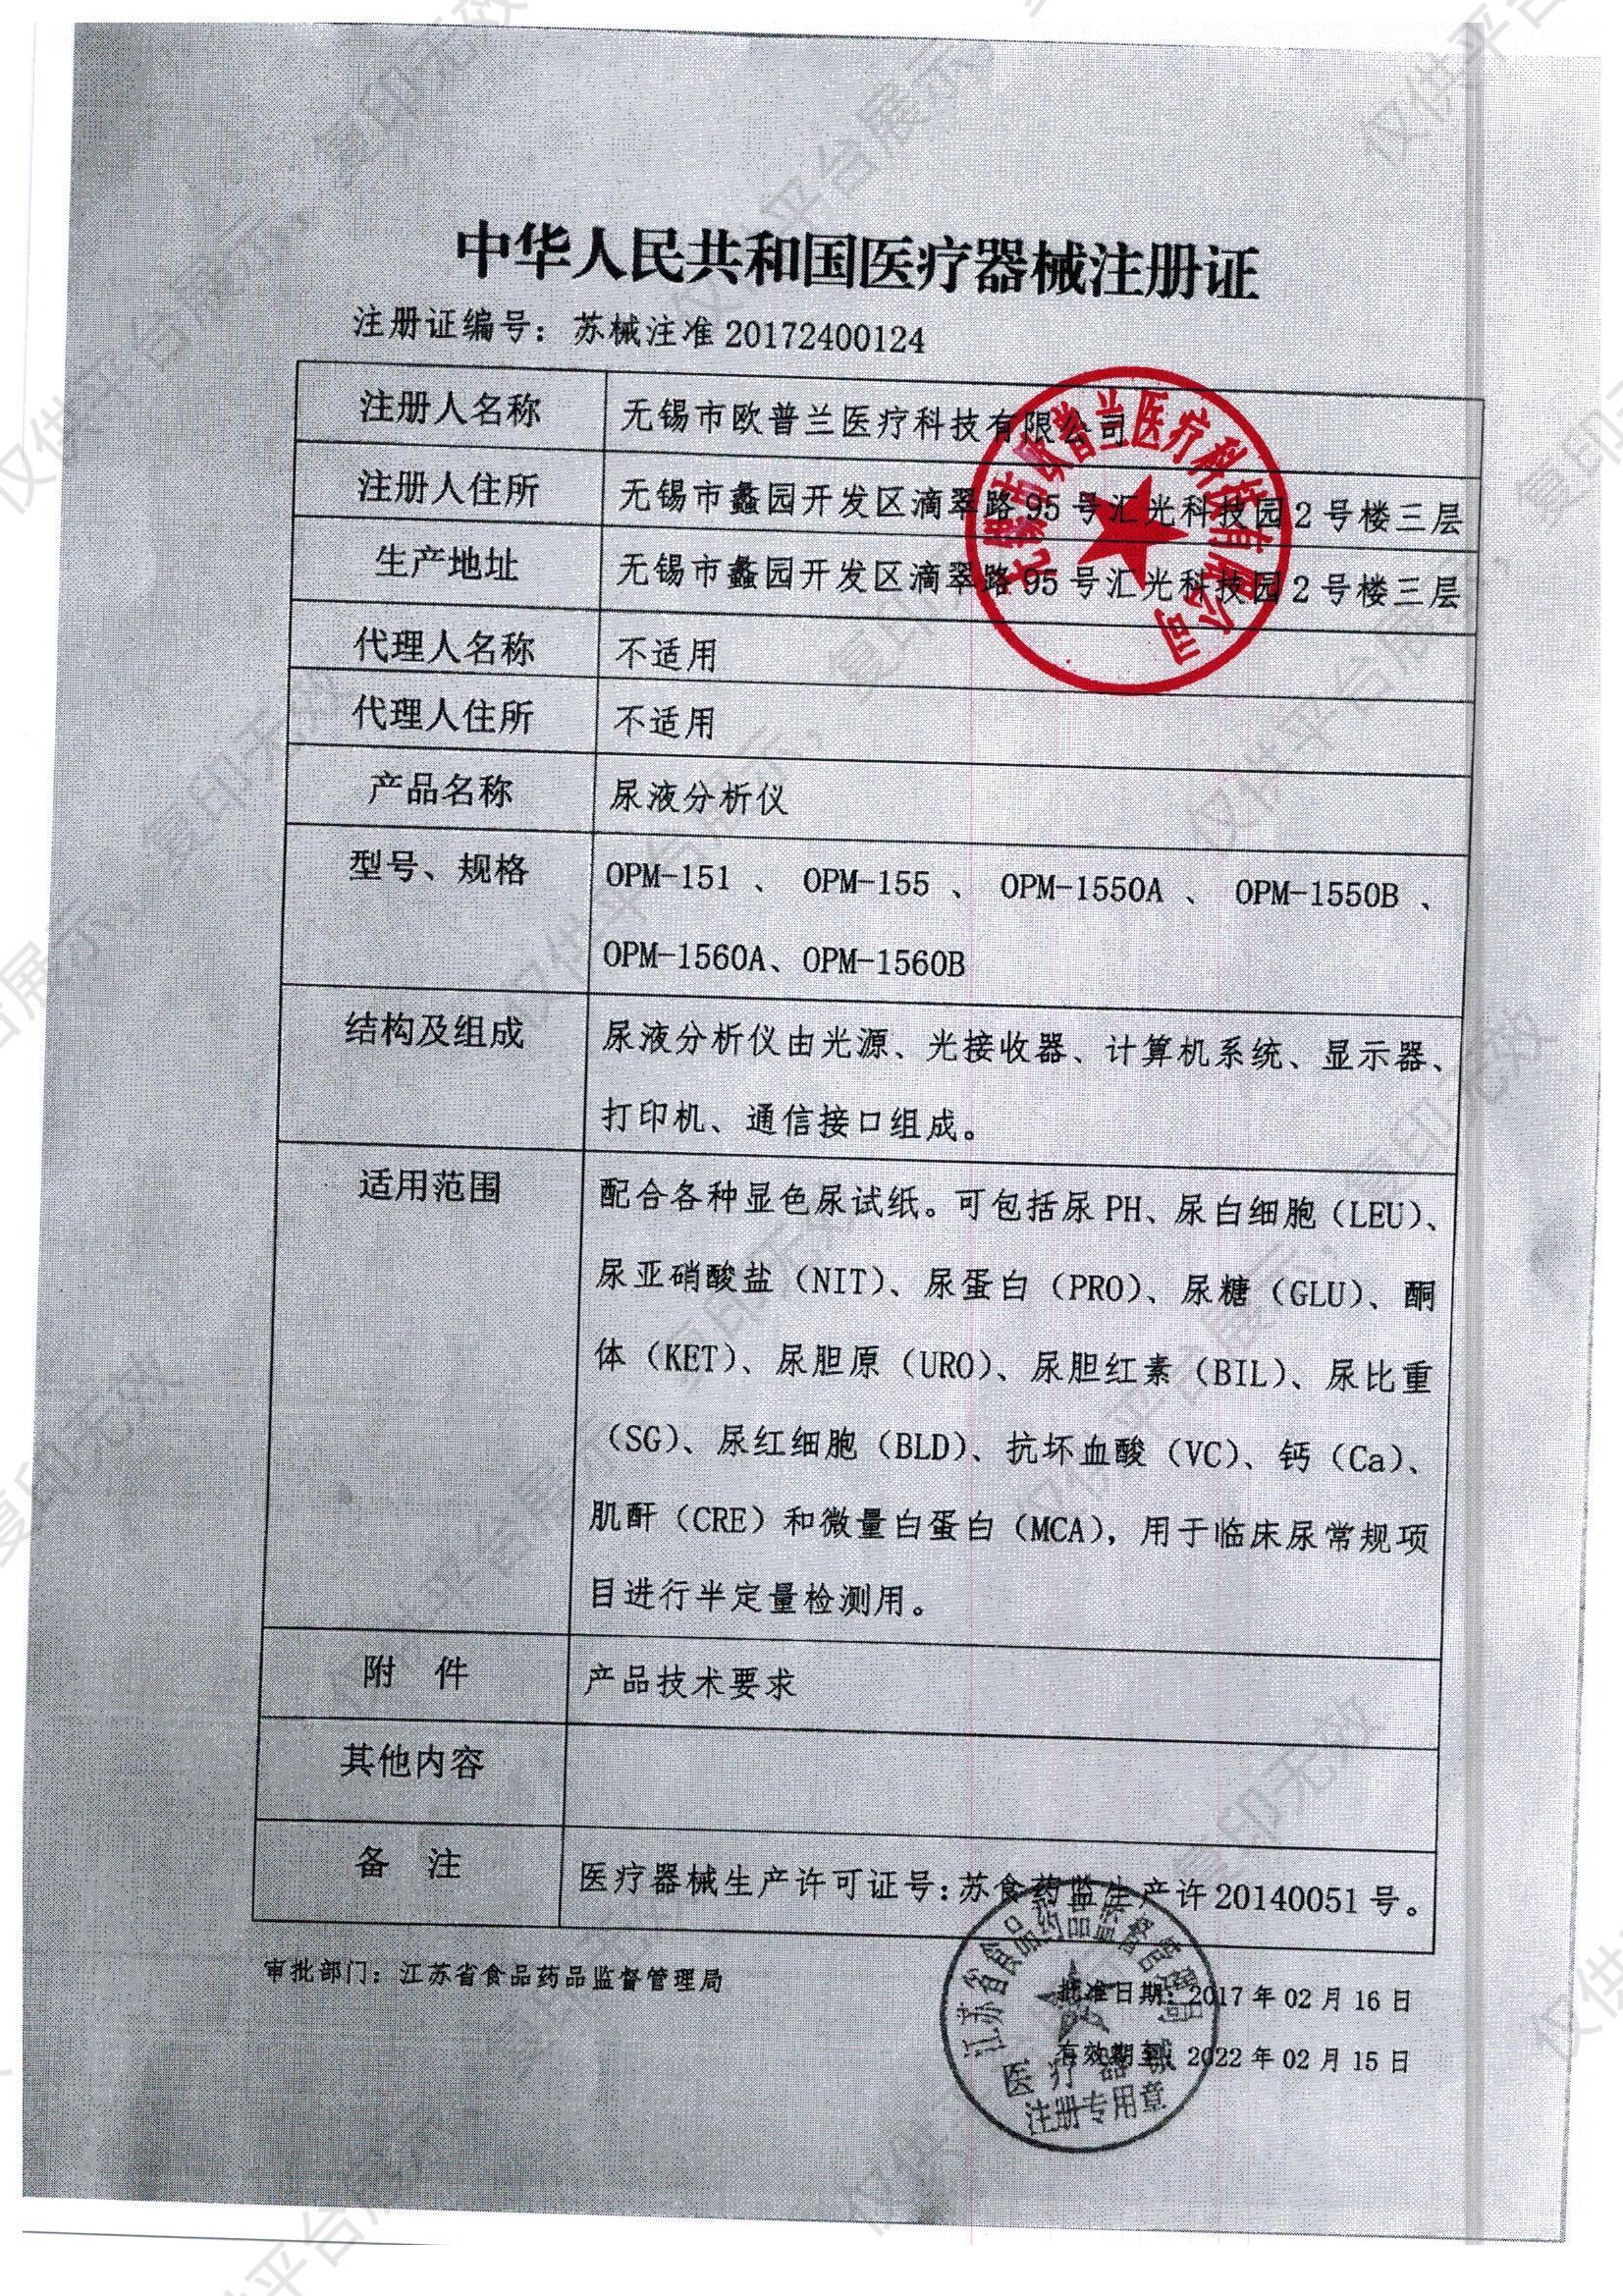 迈瑞Mindray 尿液分析仪 OPM-151注册证